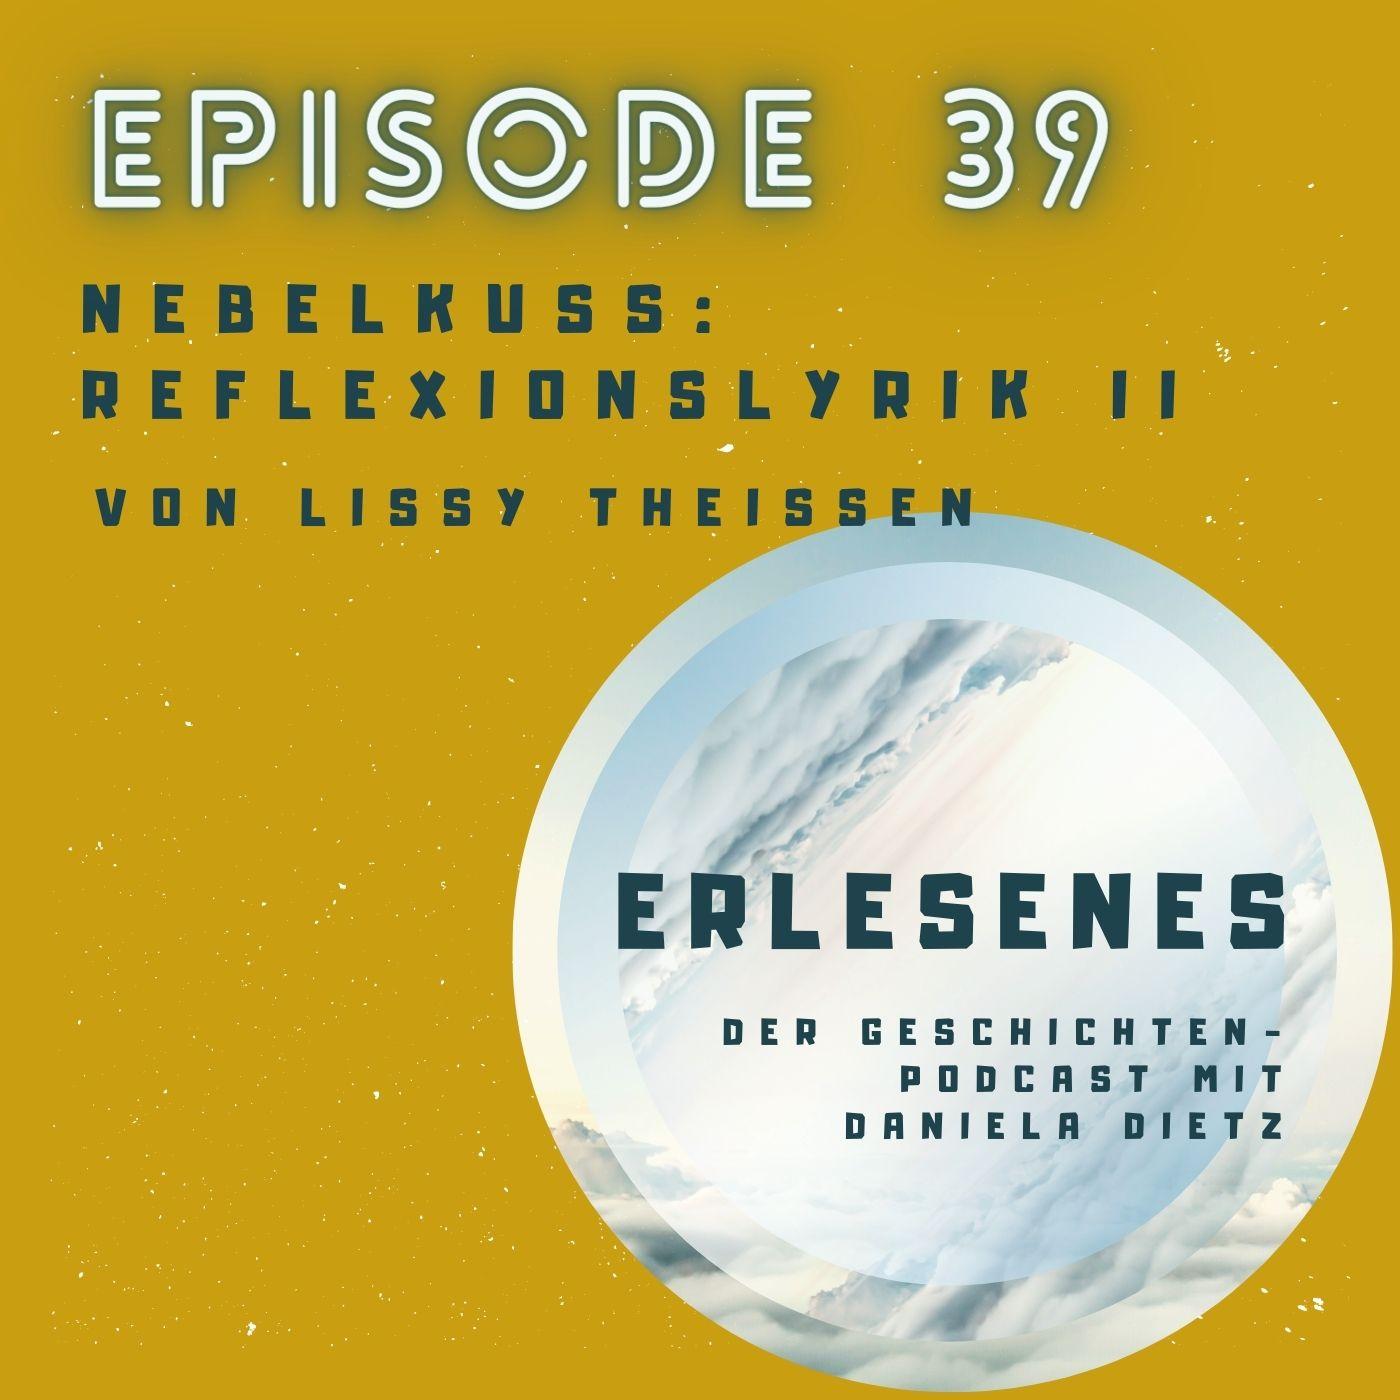 Episode 39: Nebelkuss - Reflexionslyrik II von Lissy Theissen